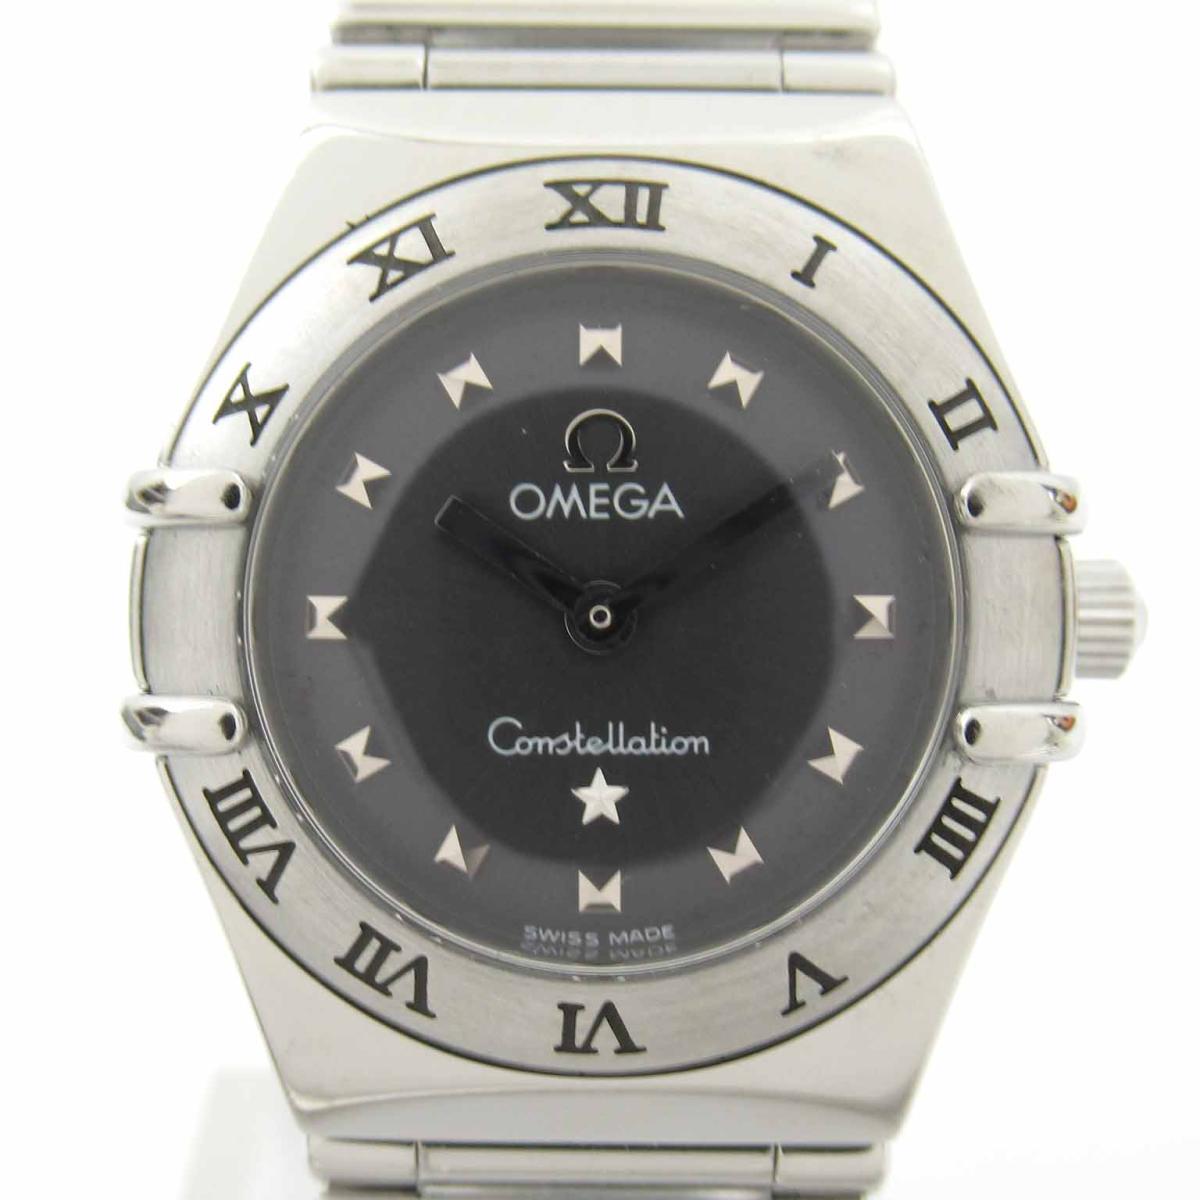 【中古】 オメガ コンステレーション ミニ マイチョイス ウォッチ 腕時計 レディース ステンレススチール (SS) (1561.51) | OMEGA BRANDOFF ブランドオフ ブランド ブランド時計 ブランド腕時計 時計